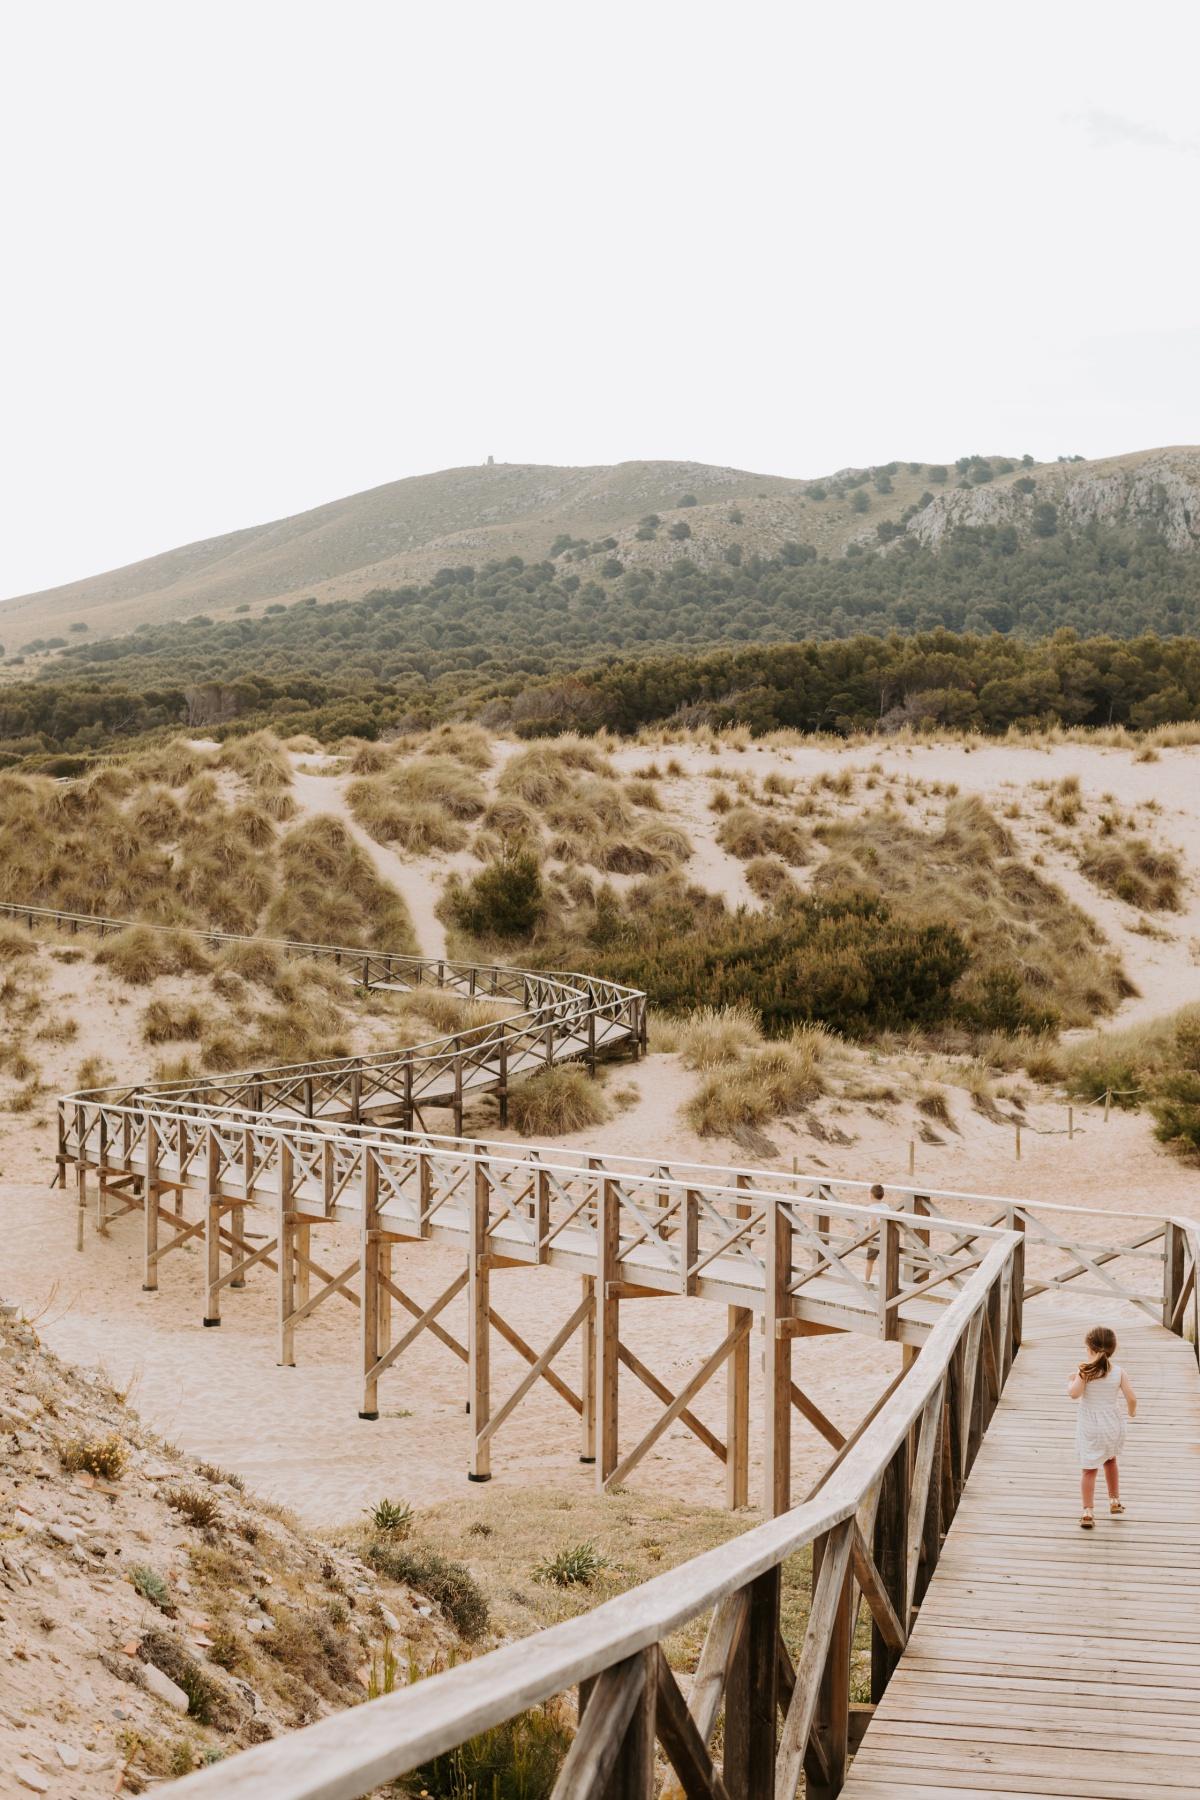 Viva Cala Mesquida Resort beach and boardwalk